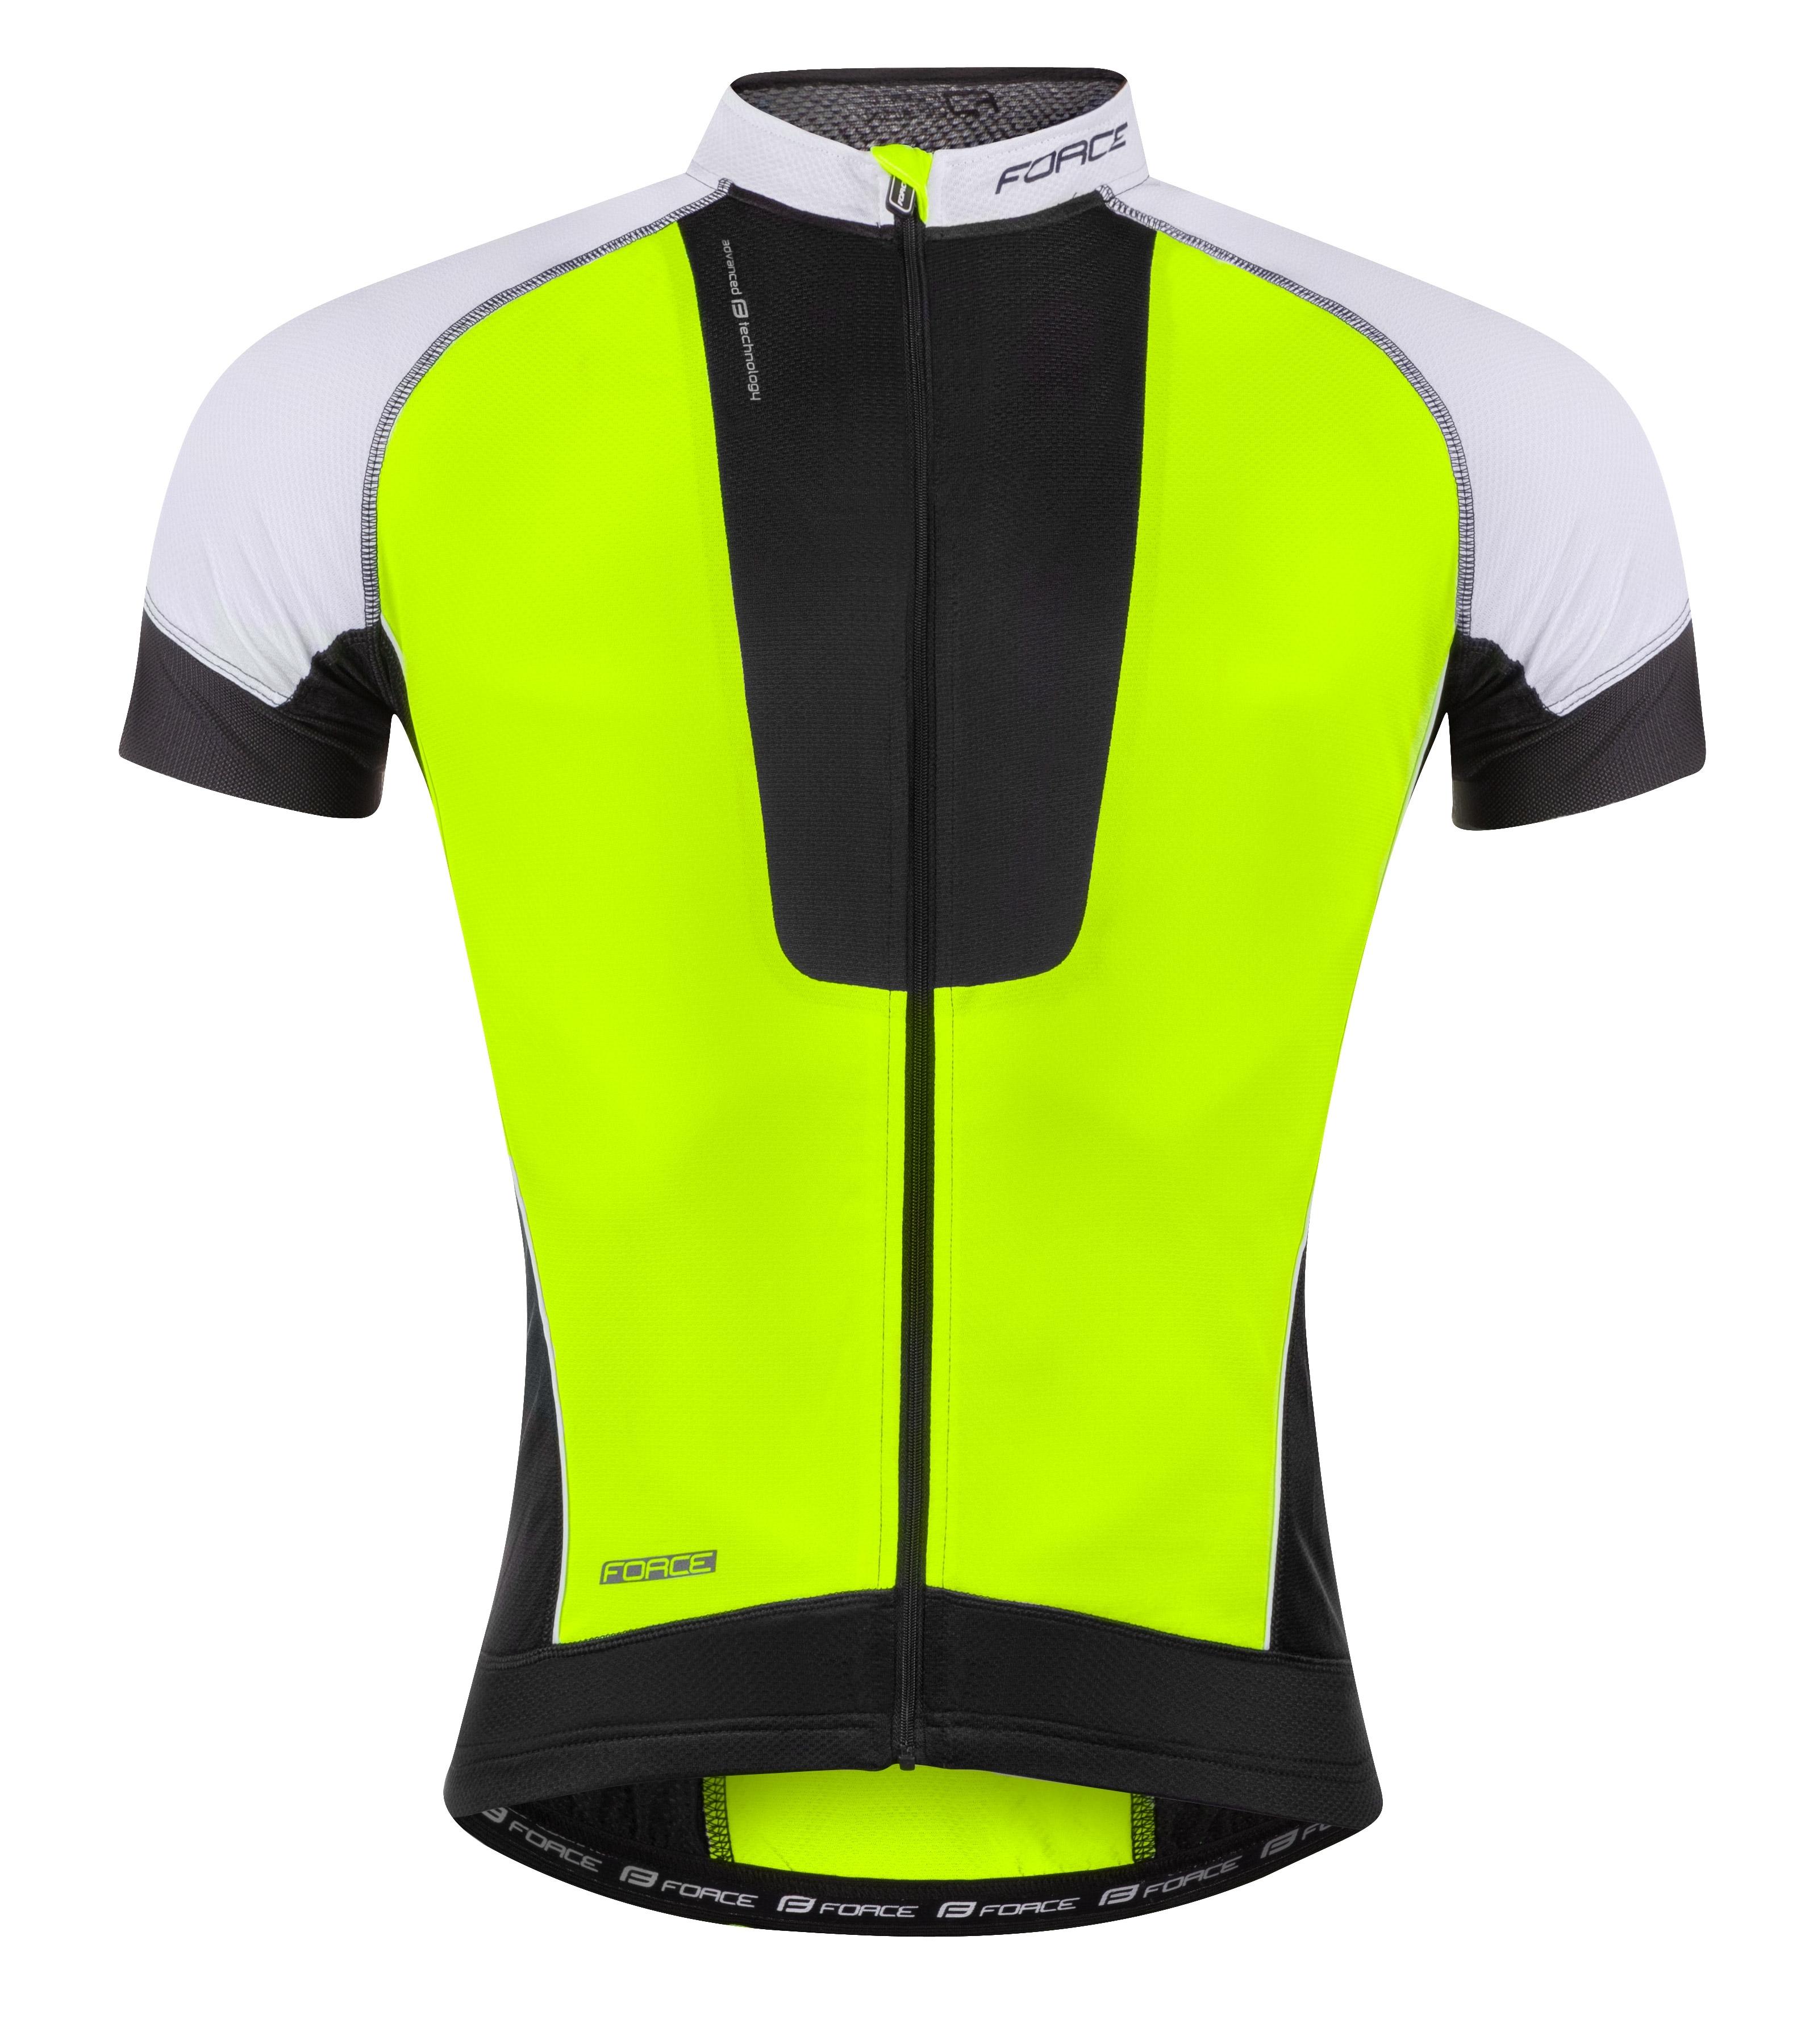 dres FORCE AIR krátký rukáv černo-fluo-bílý XS